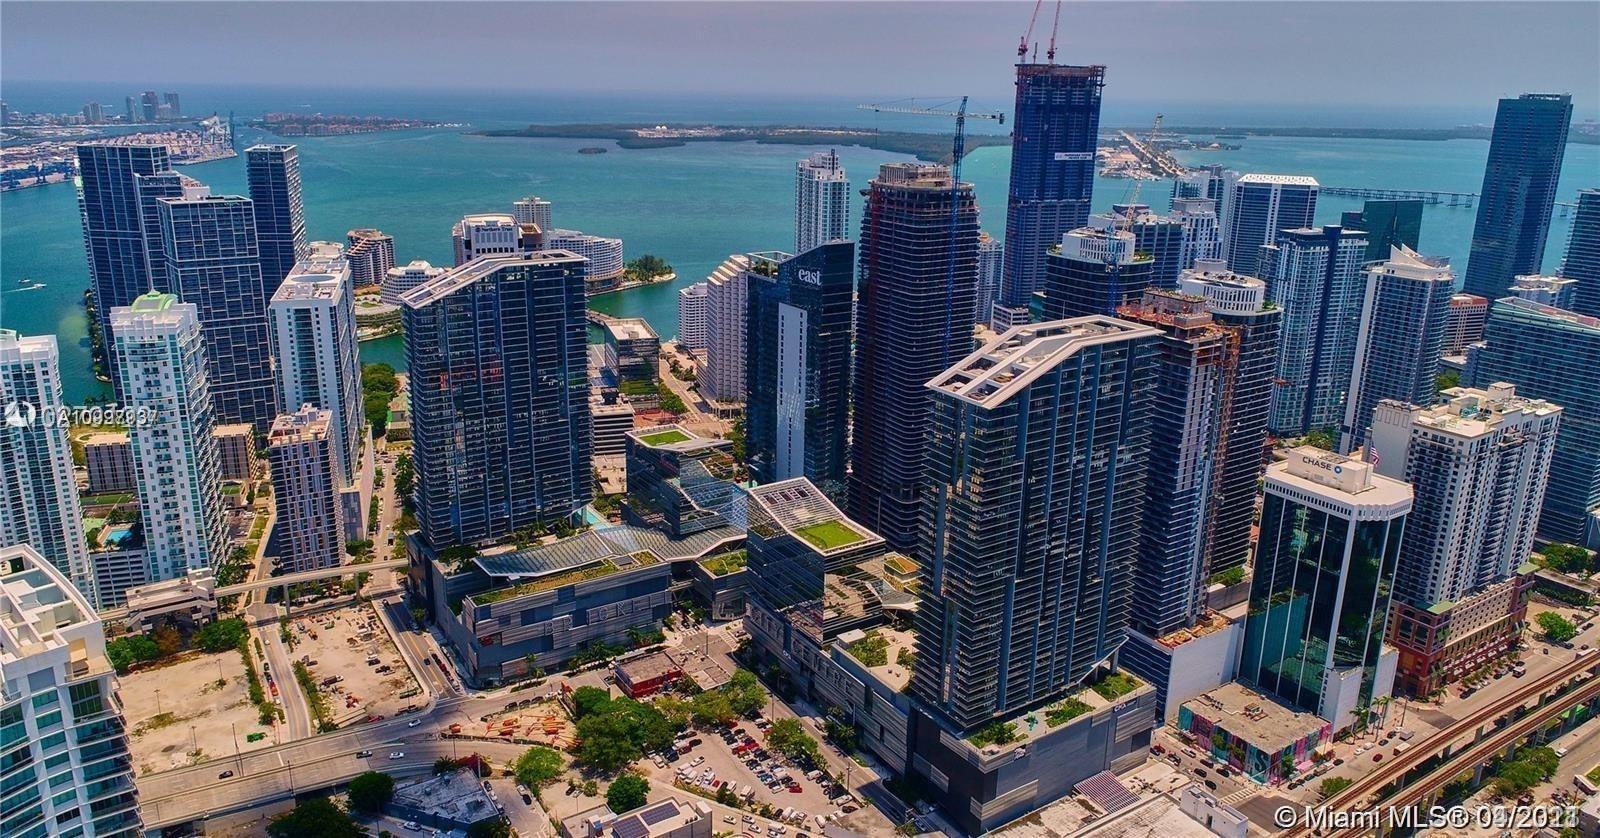 Reach Brickell City Centre #3904 - 68 SE 6th St #3904, Miami, FL 33131